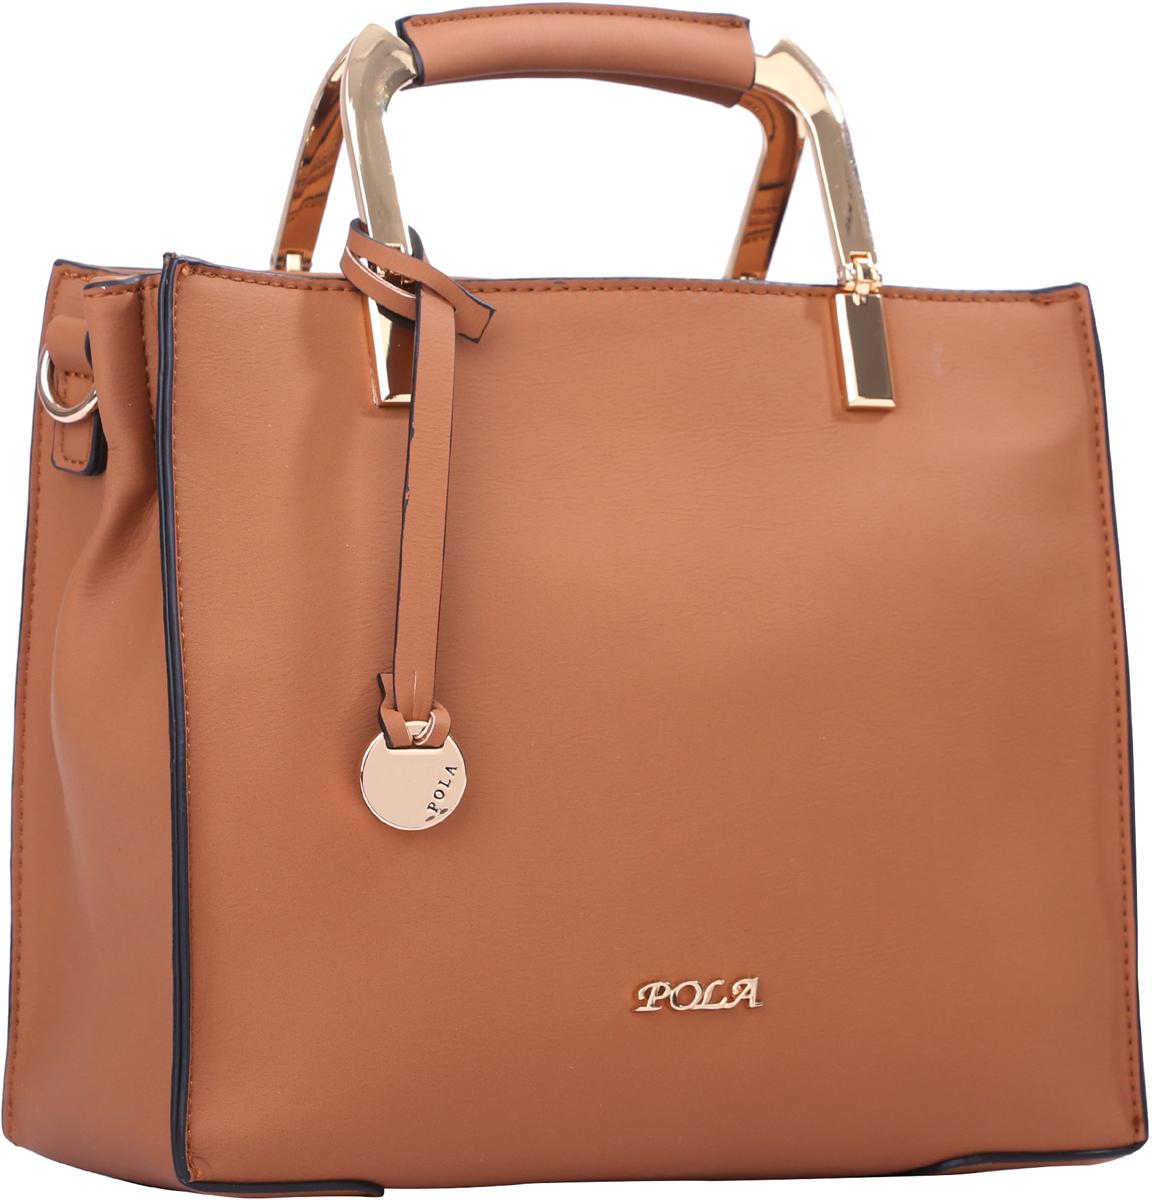 Сумка женская Pola, цвет: рыже-коричневый. 6443964439Женская сумка Pola выполнена из экокожи, сверху закрывается на молнию. Внутри основное отделение разделено на две части карманом на молнии. Дополнительно внутри два небольших открытых кармана и кармашек на молнии. В комплекте съемный, регулируемый по длине плечевой ремень, максимальной высотой 61 см. Ручки для переноски в руке металлические, высотой 6 см. Цвет фурнитуры- золото.